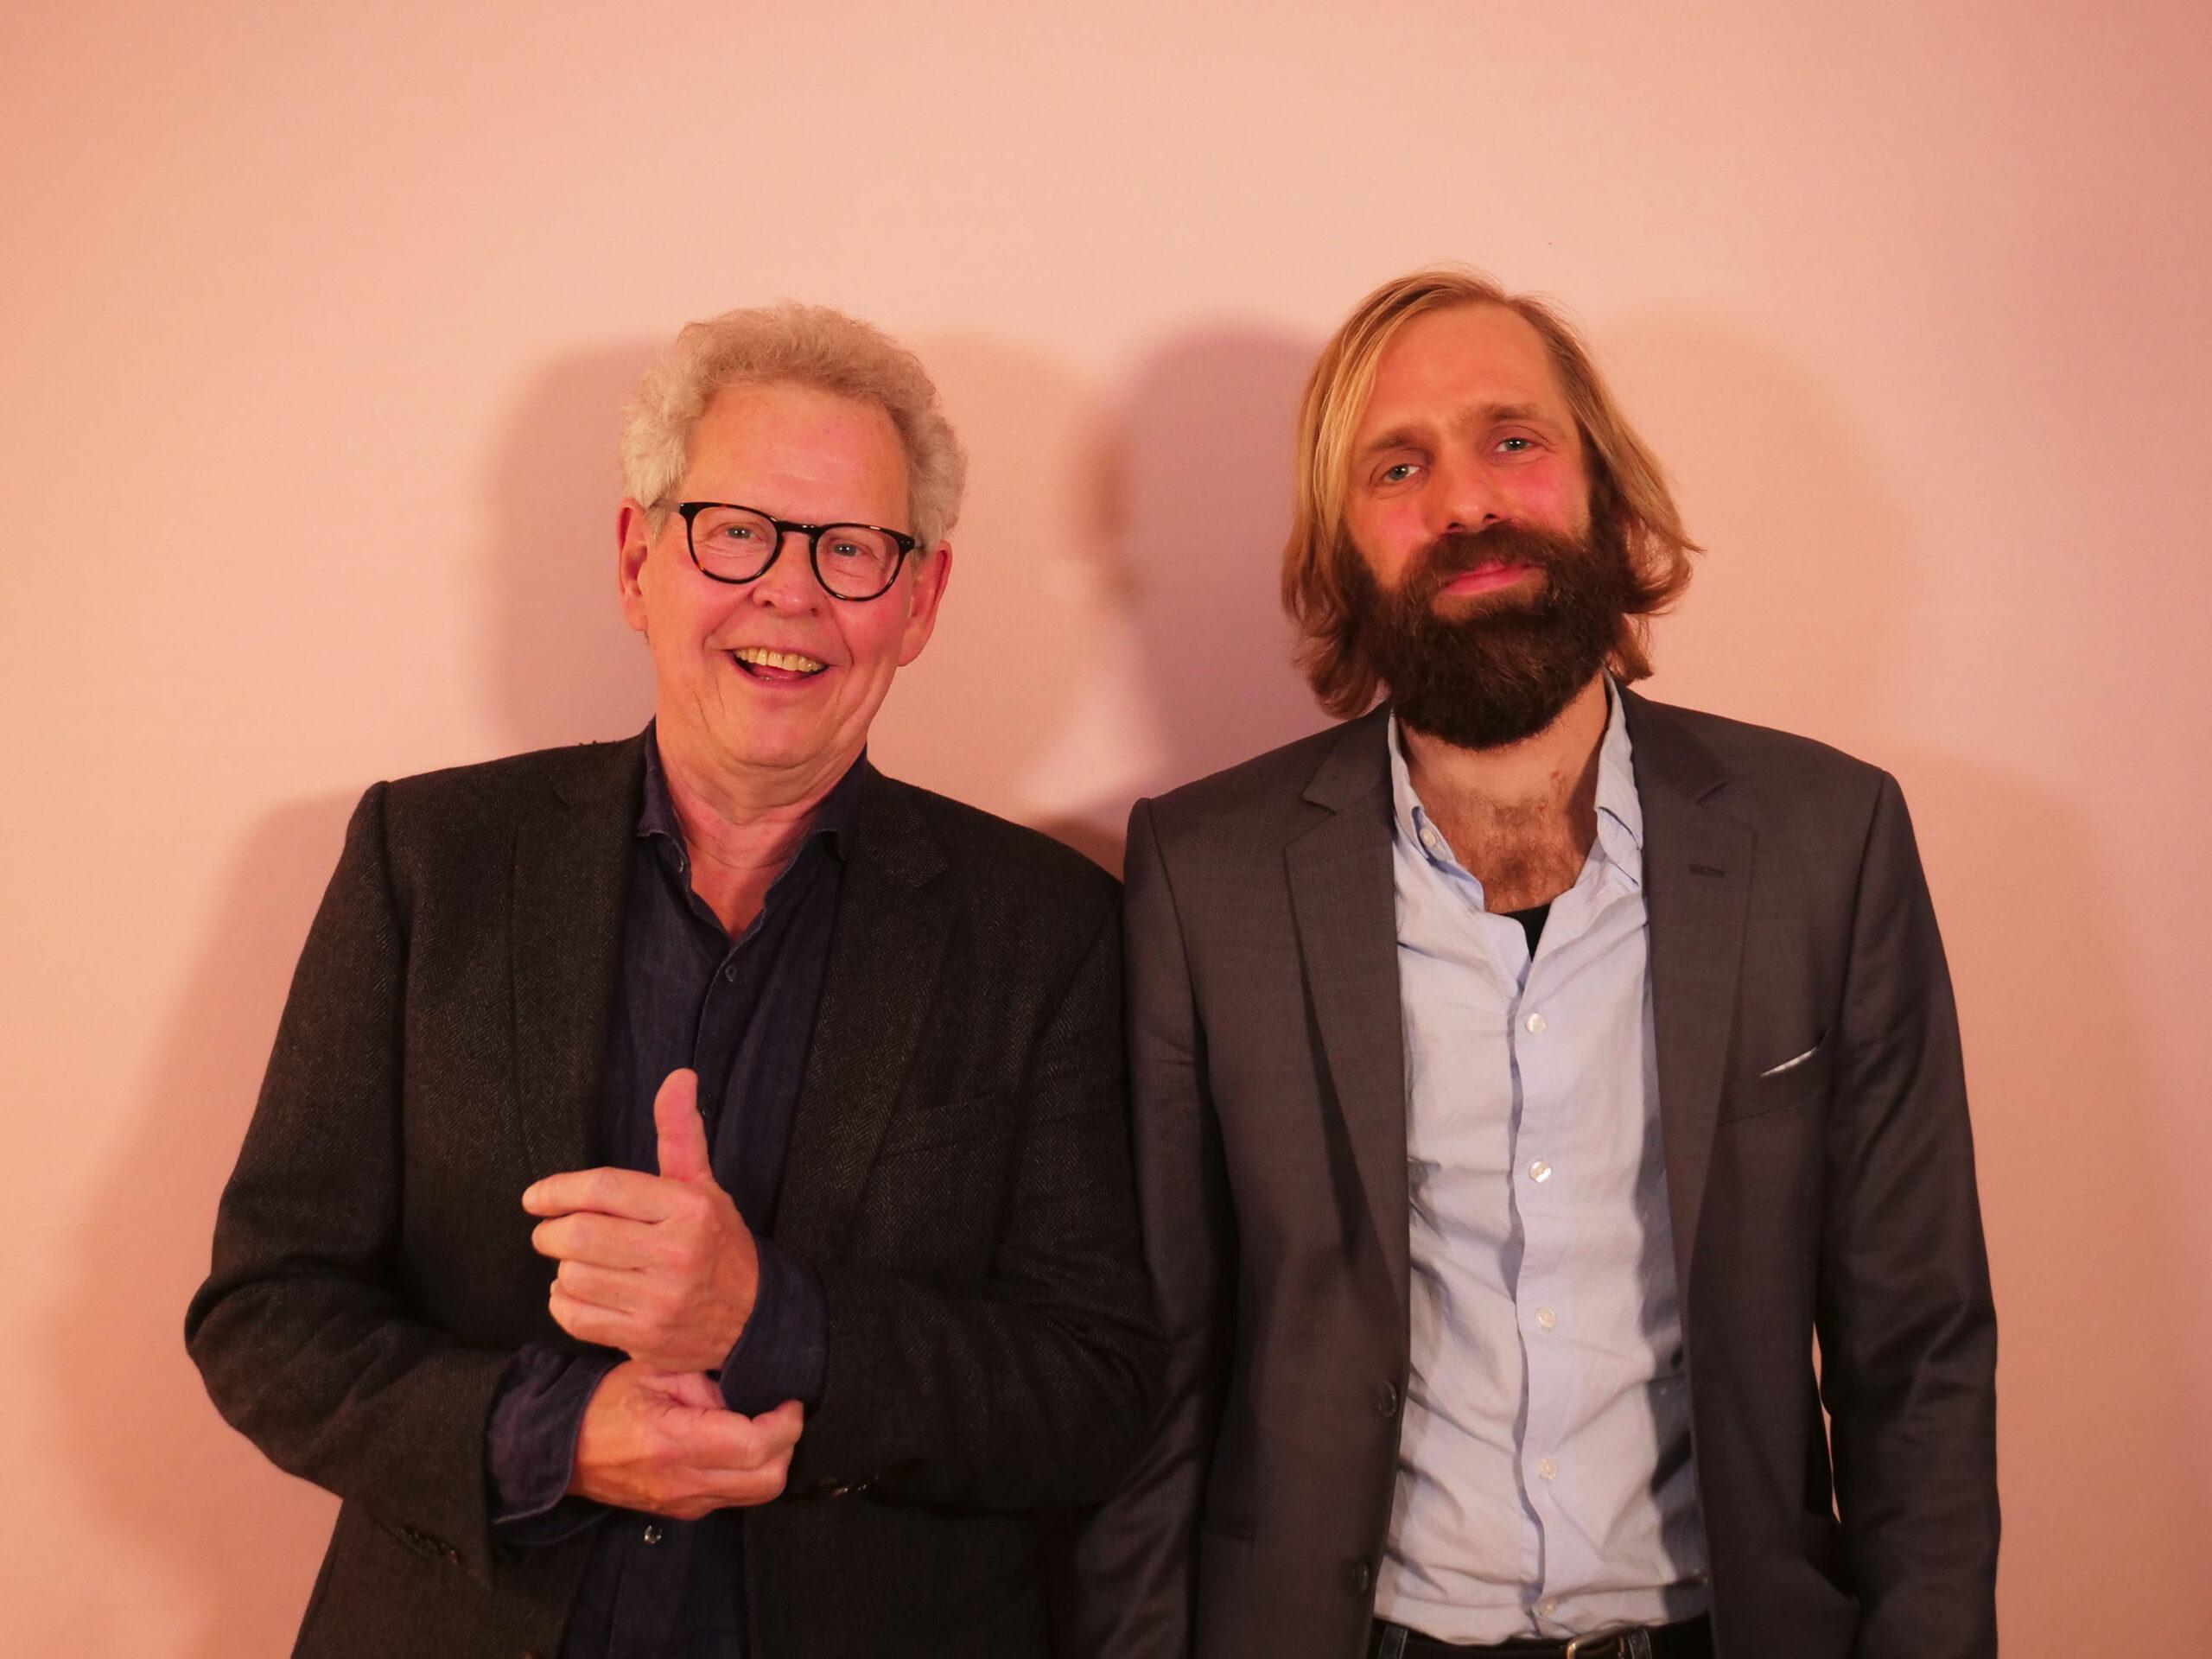 Søren Kragh-Jakobsen og Espen Strunk til Storydays